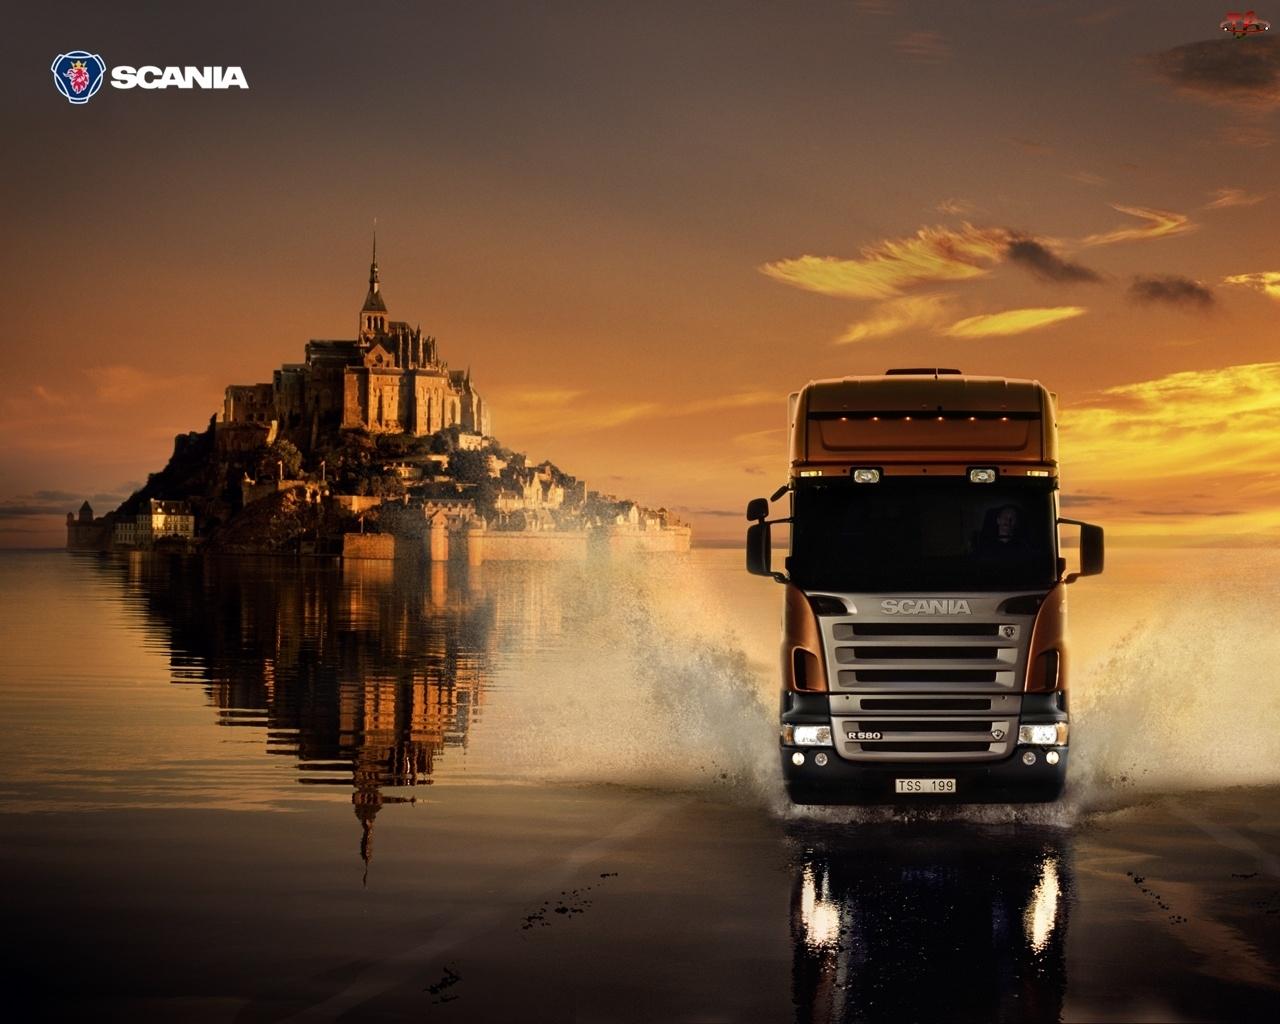 Słońca, Ciężarówka, Zamek, Scania, Zachód